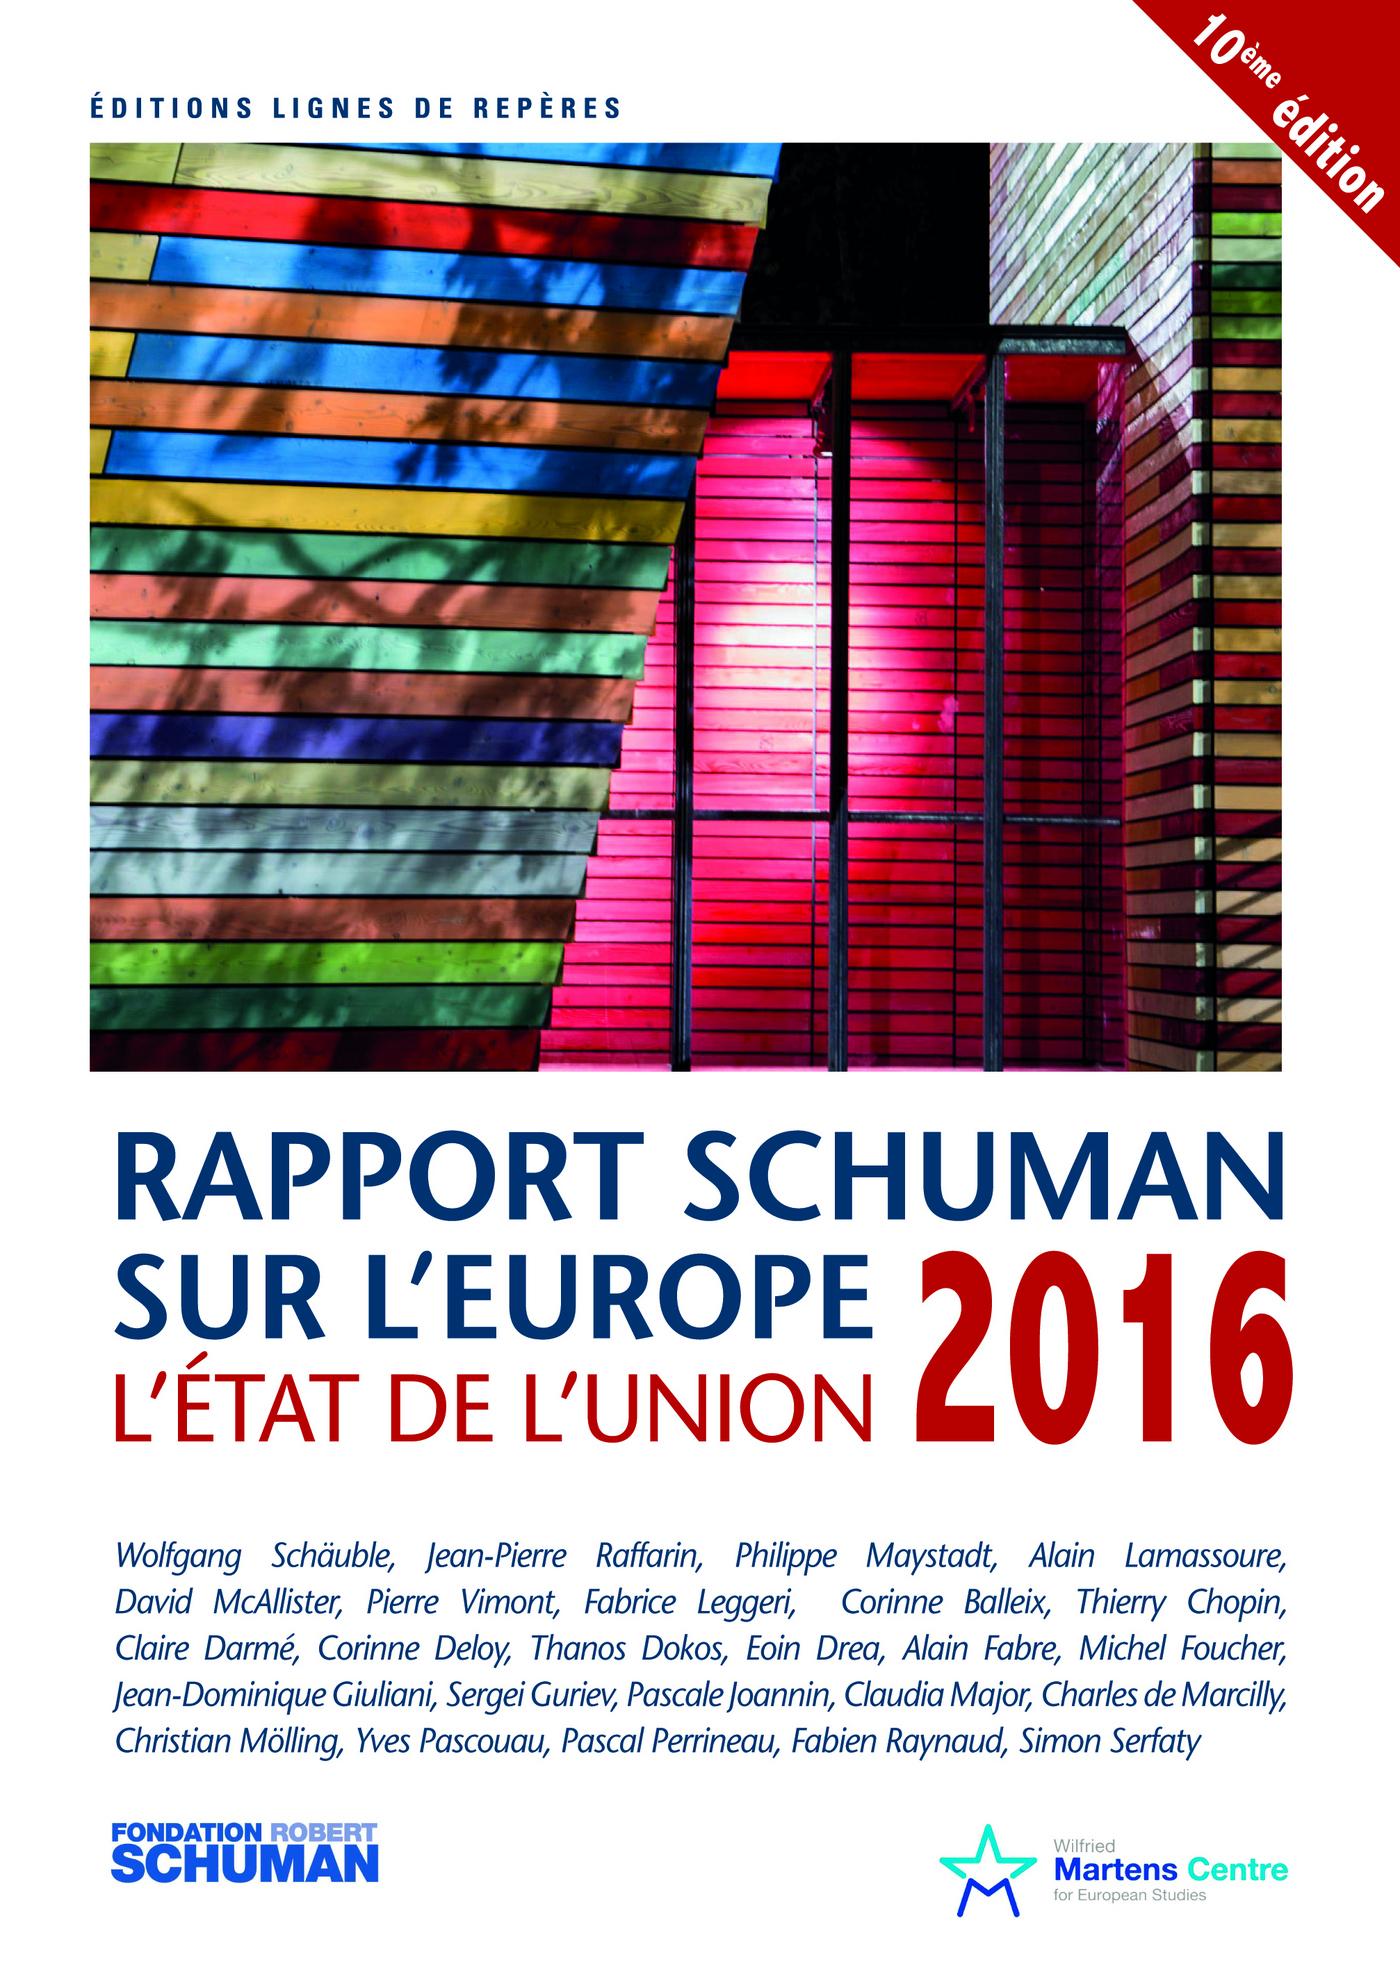 Etat de l'Union 2016, rapport Schuman sur l'Europe